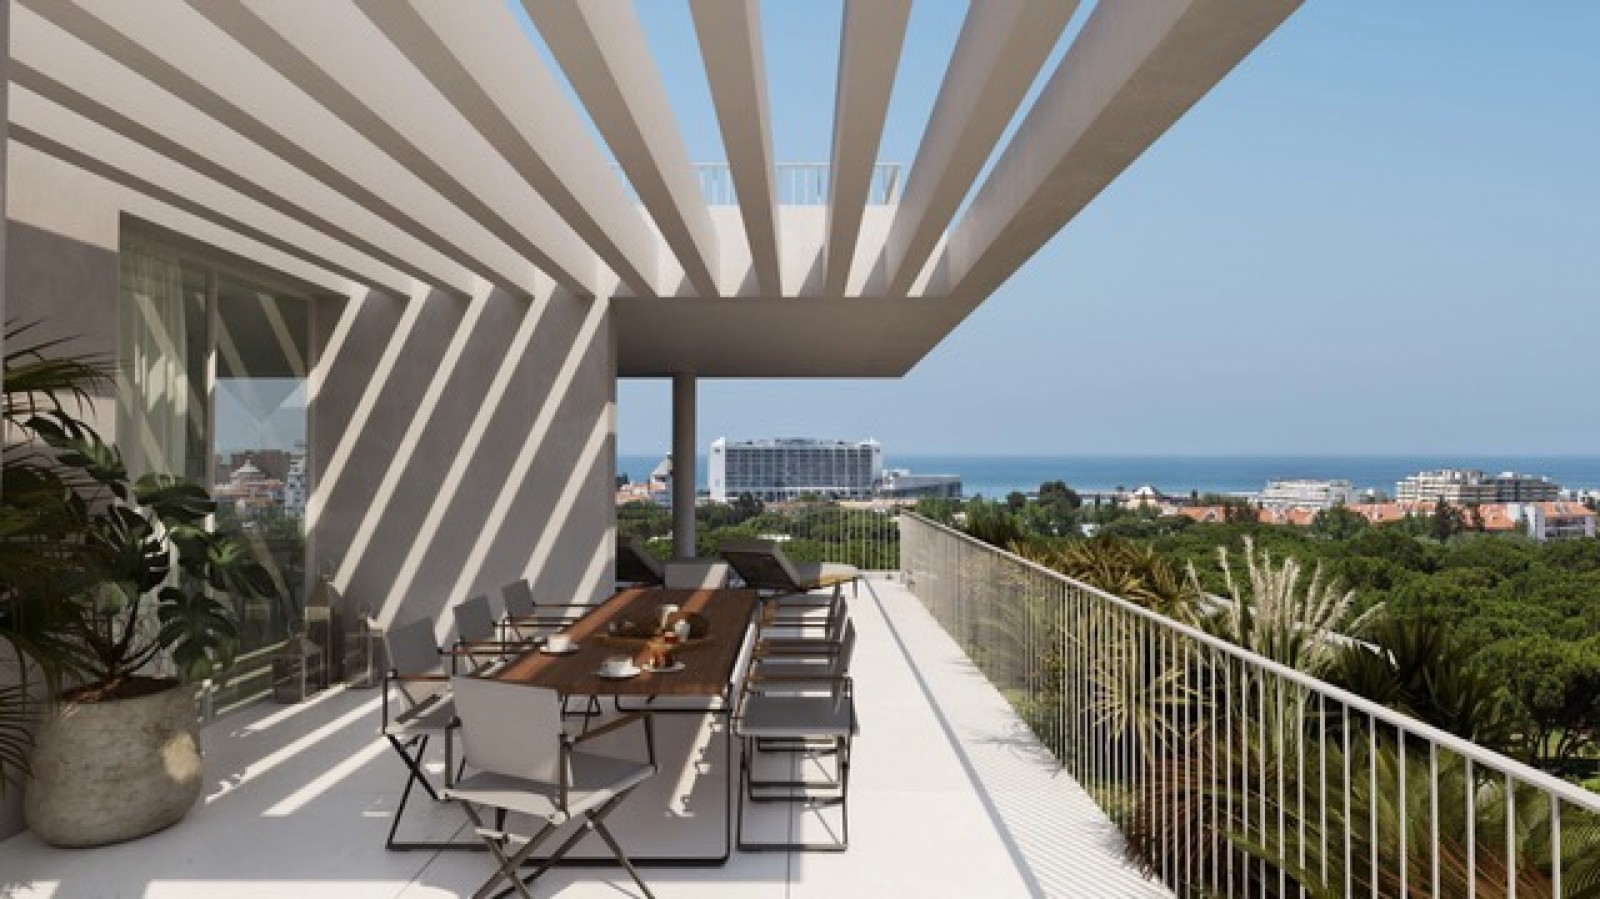 3-bedroom-apartment-with-sea-view-closed-condominium-vilamoura-algarve